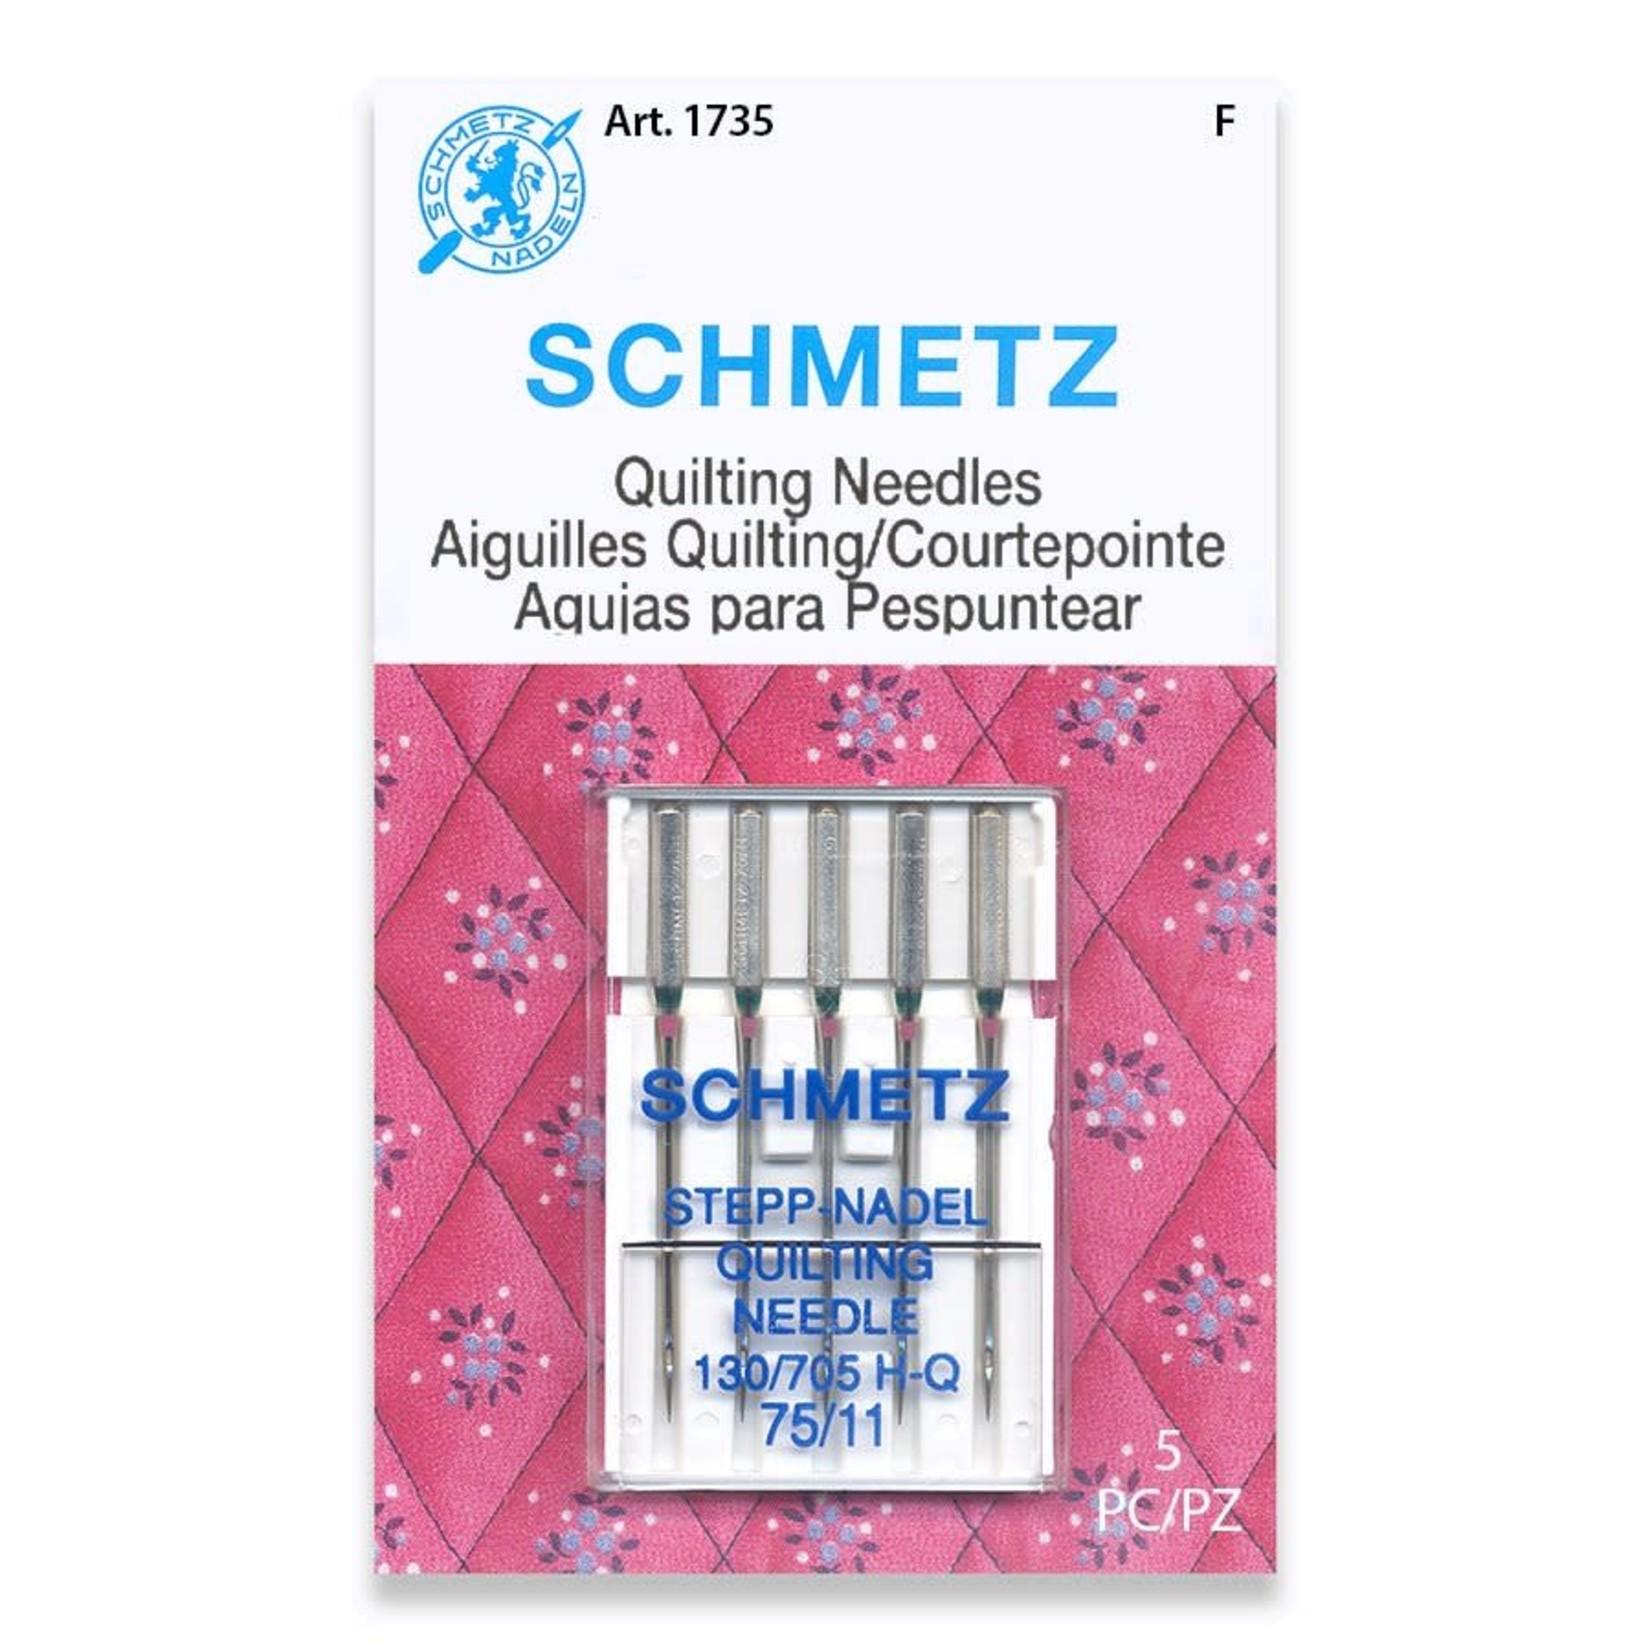 Schmetz SCHMETZ QUILTING NEEDLE 75/11 CARDED 5/PKG